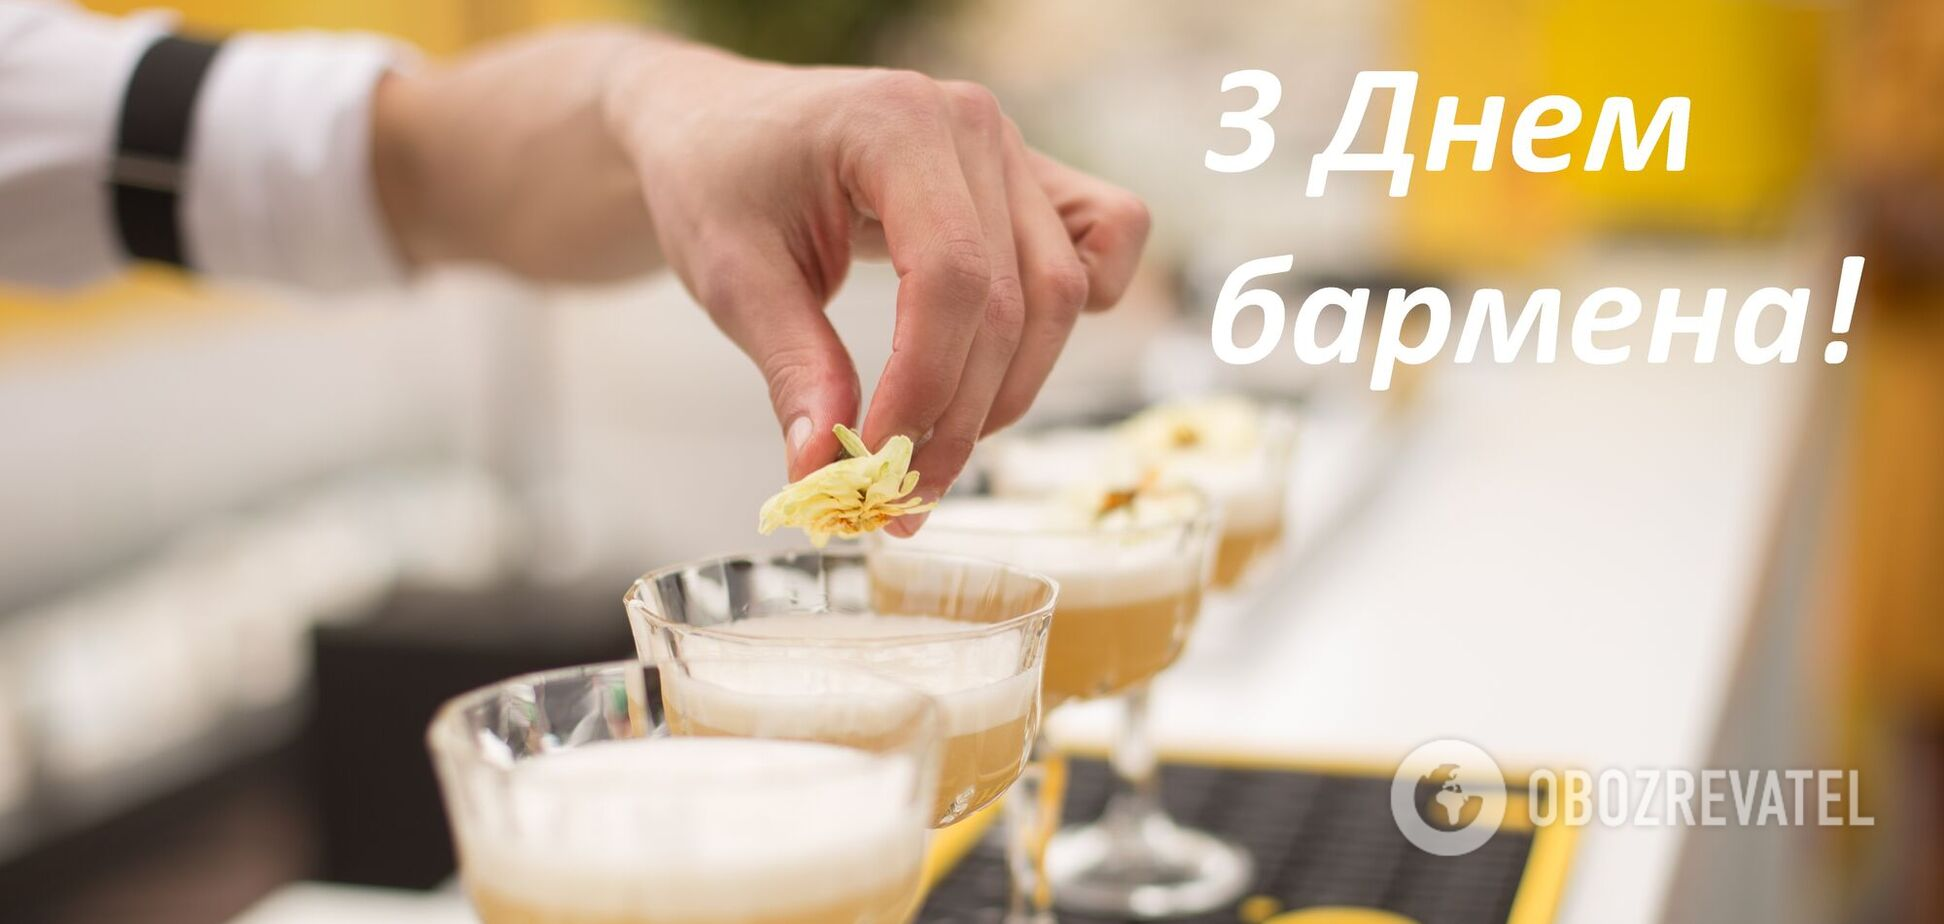 Международный день бармена отмечается 6 февраля